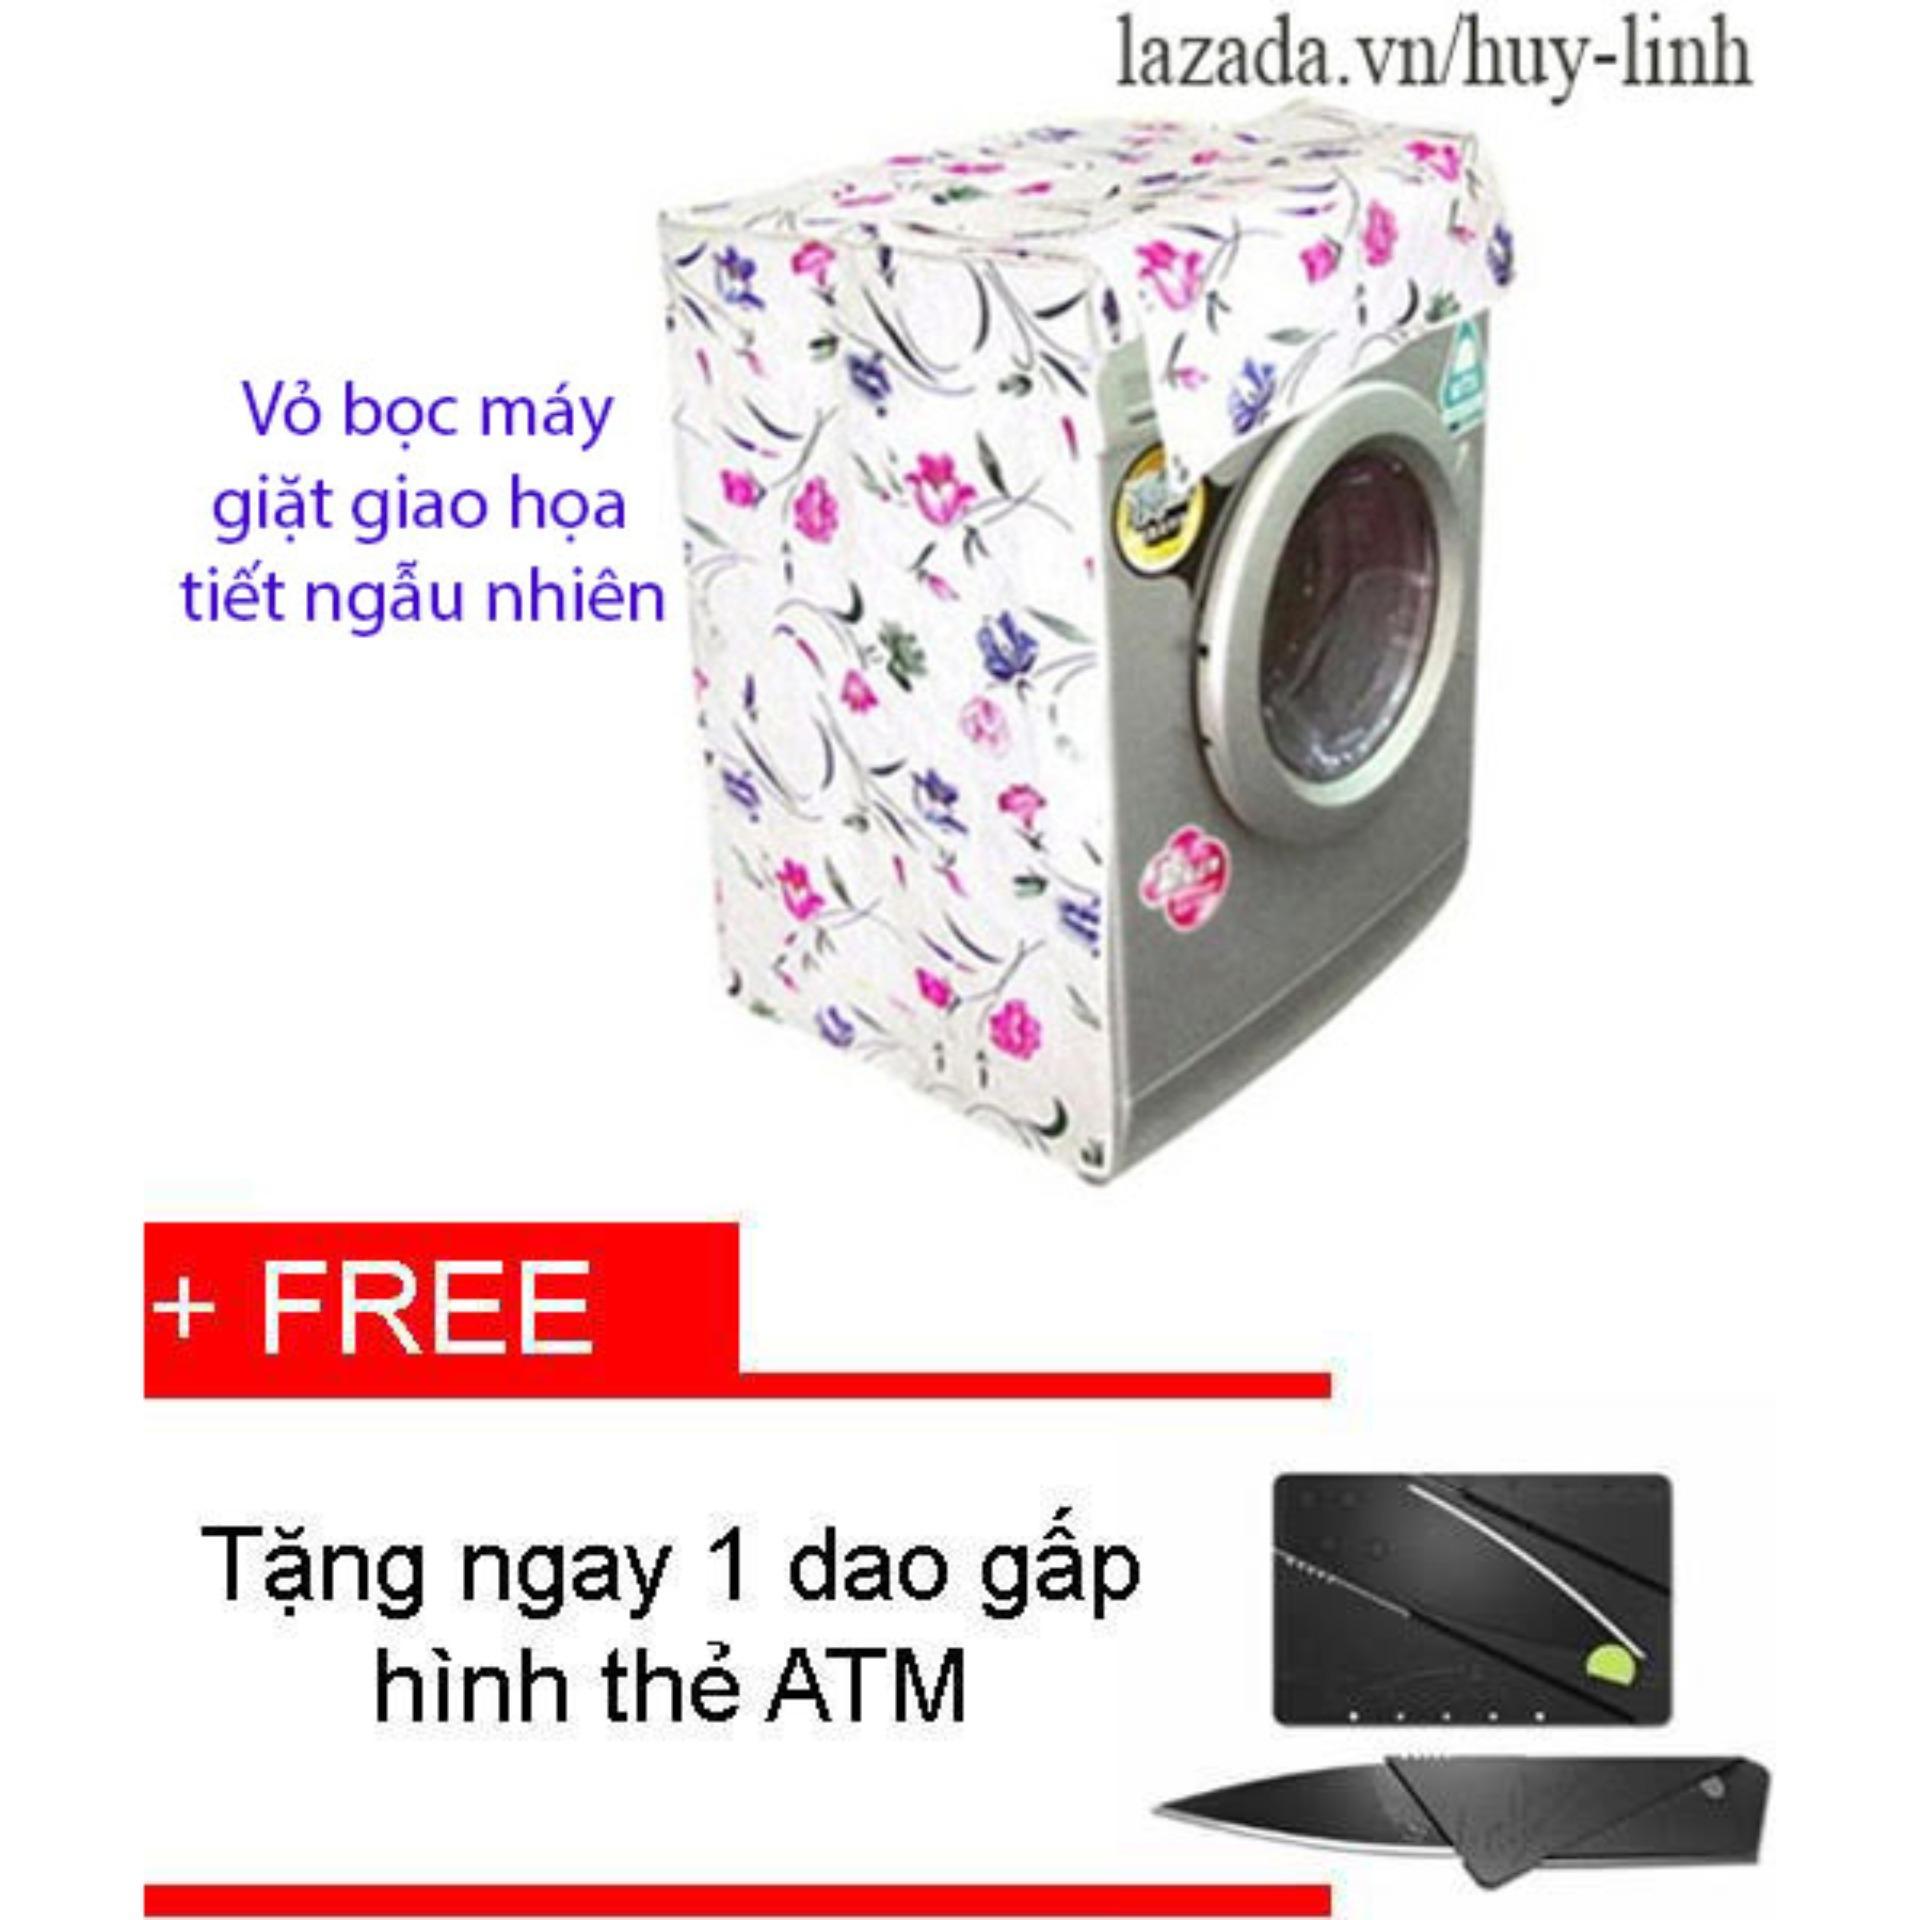 Bảng Báo Giá Vỏ bọc máy giặt cửa ngang cỡ nhỏ màu sắc ngẫu nhiên cho máy giặt giao họa tiết ngẫu nhiên + Tặng dao gấp hình thẻ ATM